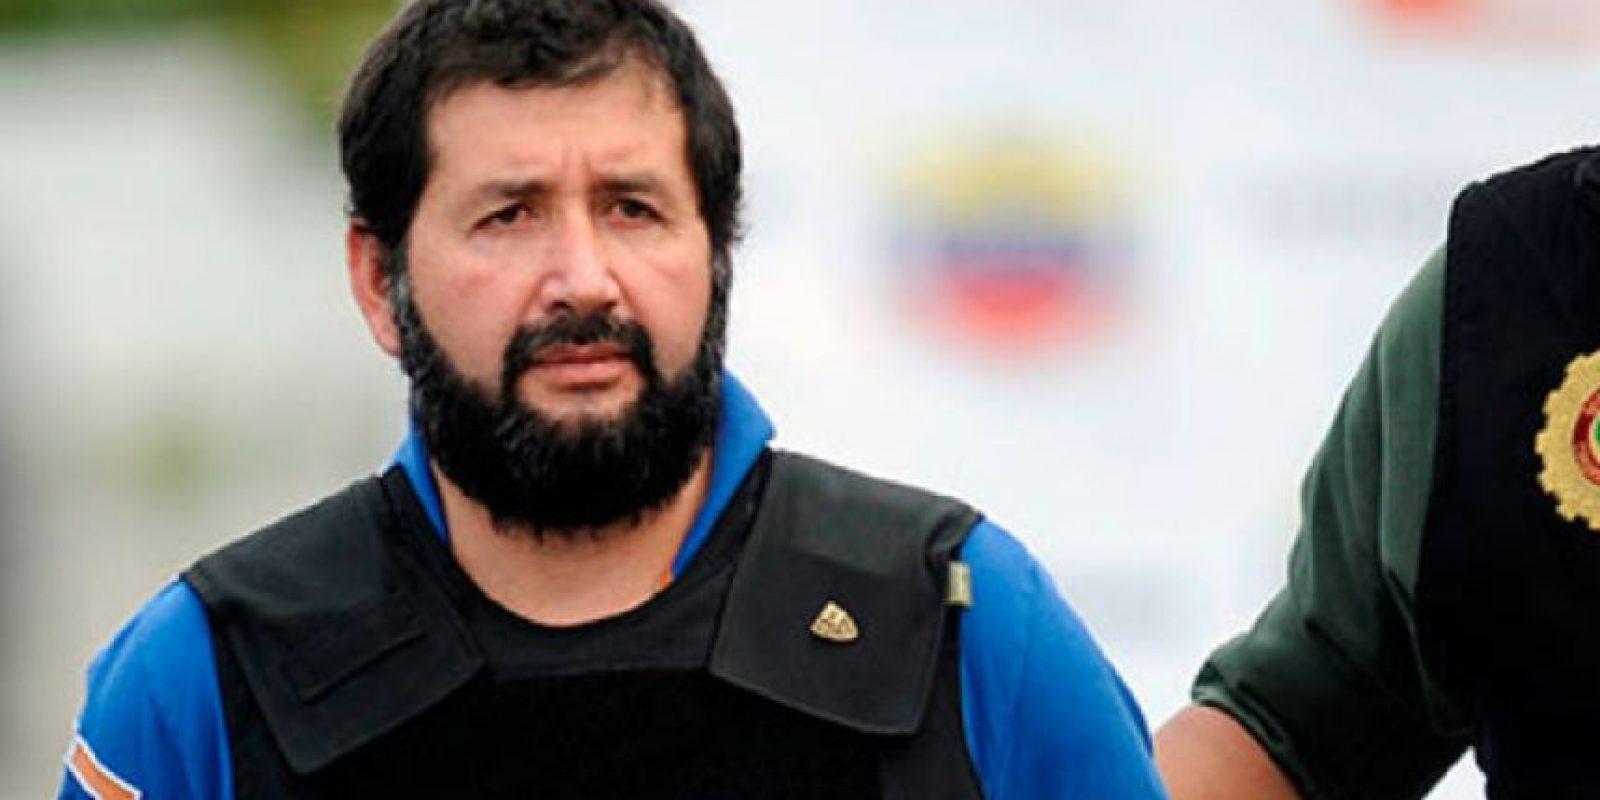 """Daniel """"El Loco"""" Barrera fue uno de los jefes de la Bacrim (Bandas Criminales al Servicio del Narcotráfico). Fue capturado en 2012. Foto:vía AFP"""